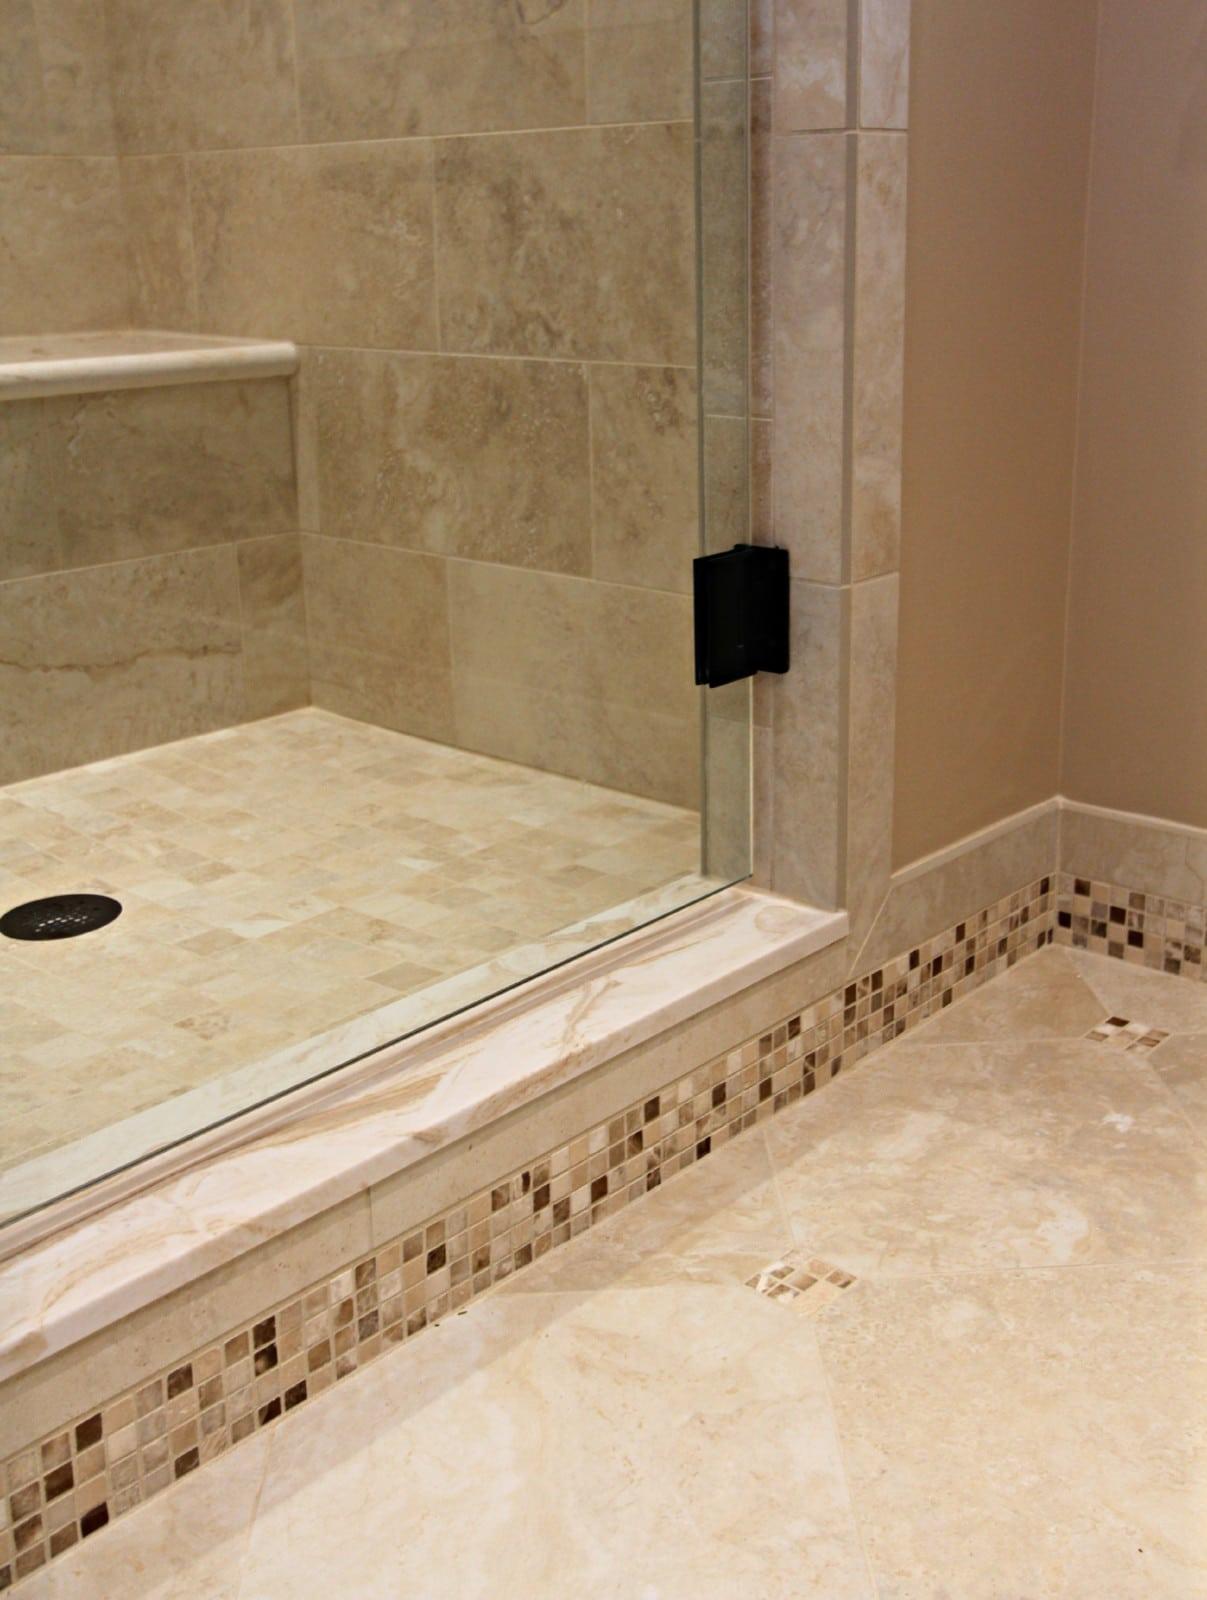 Baseboard Style Tile Wall